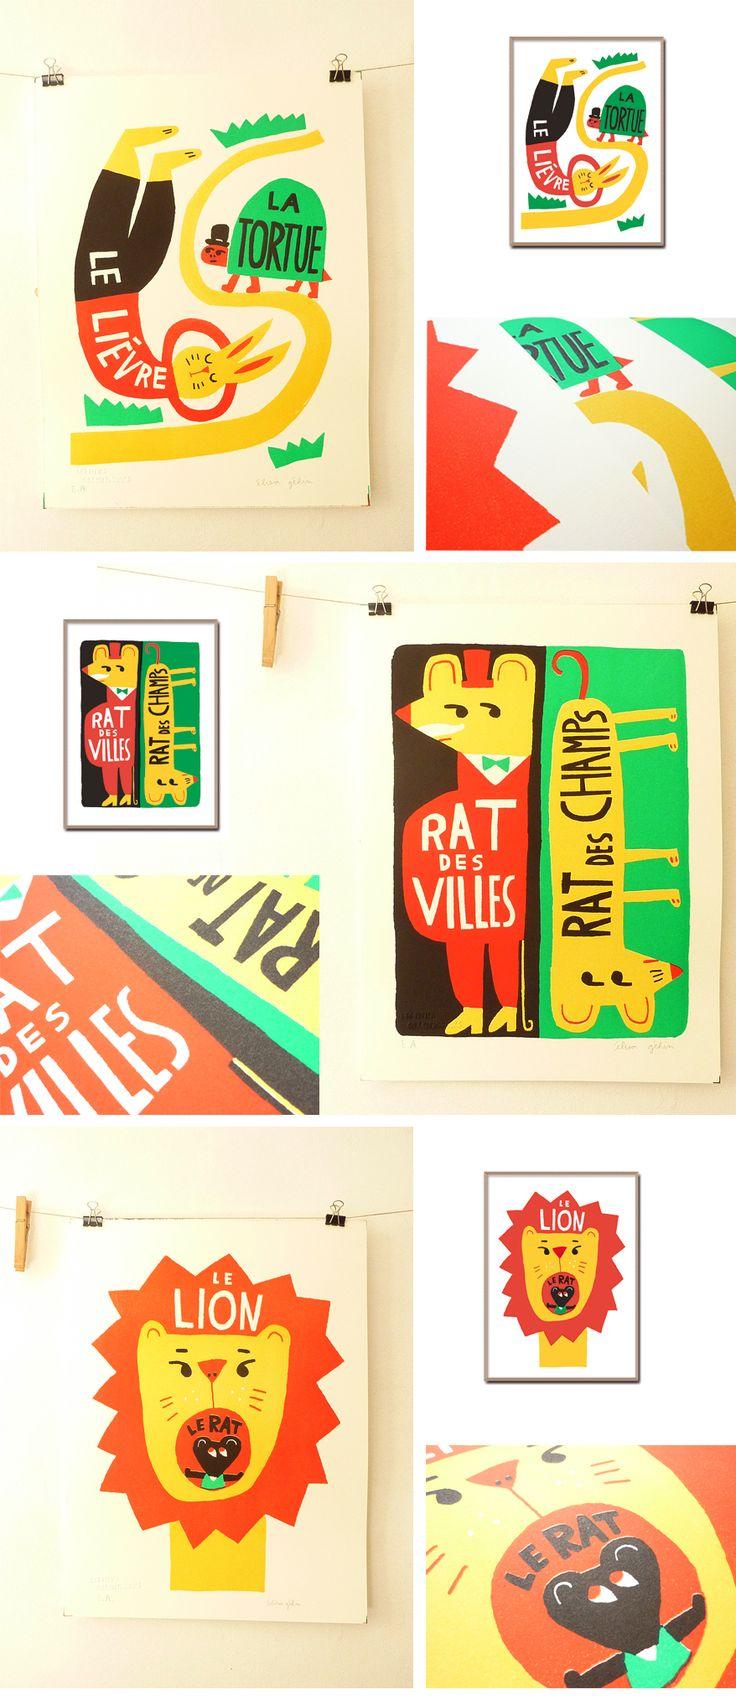 Le lièvre et la tortue Rat des villes et rat des champs Le lion et le rat Lithographies sur papier BFK Rives, 310g, grain fin, blanc pur, 100% coton Editions limitées à 100 ex 30 X 40 cm  Numérotées, signées Vendues avec certificat d'authenticité